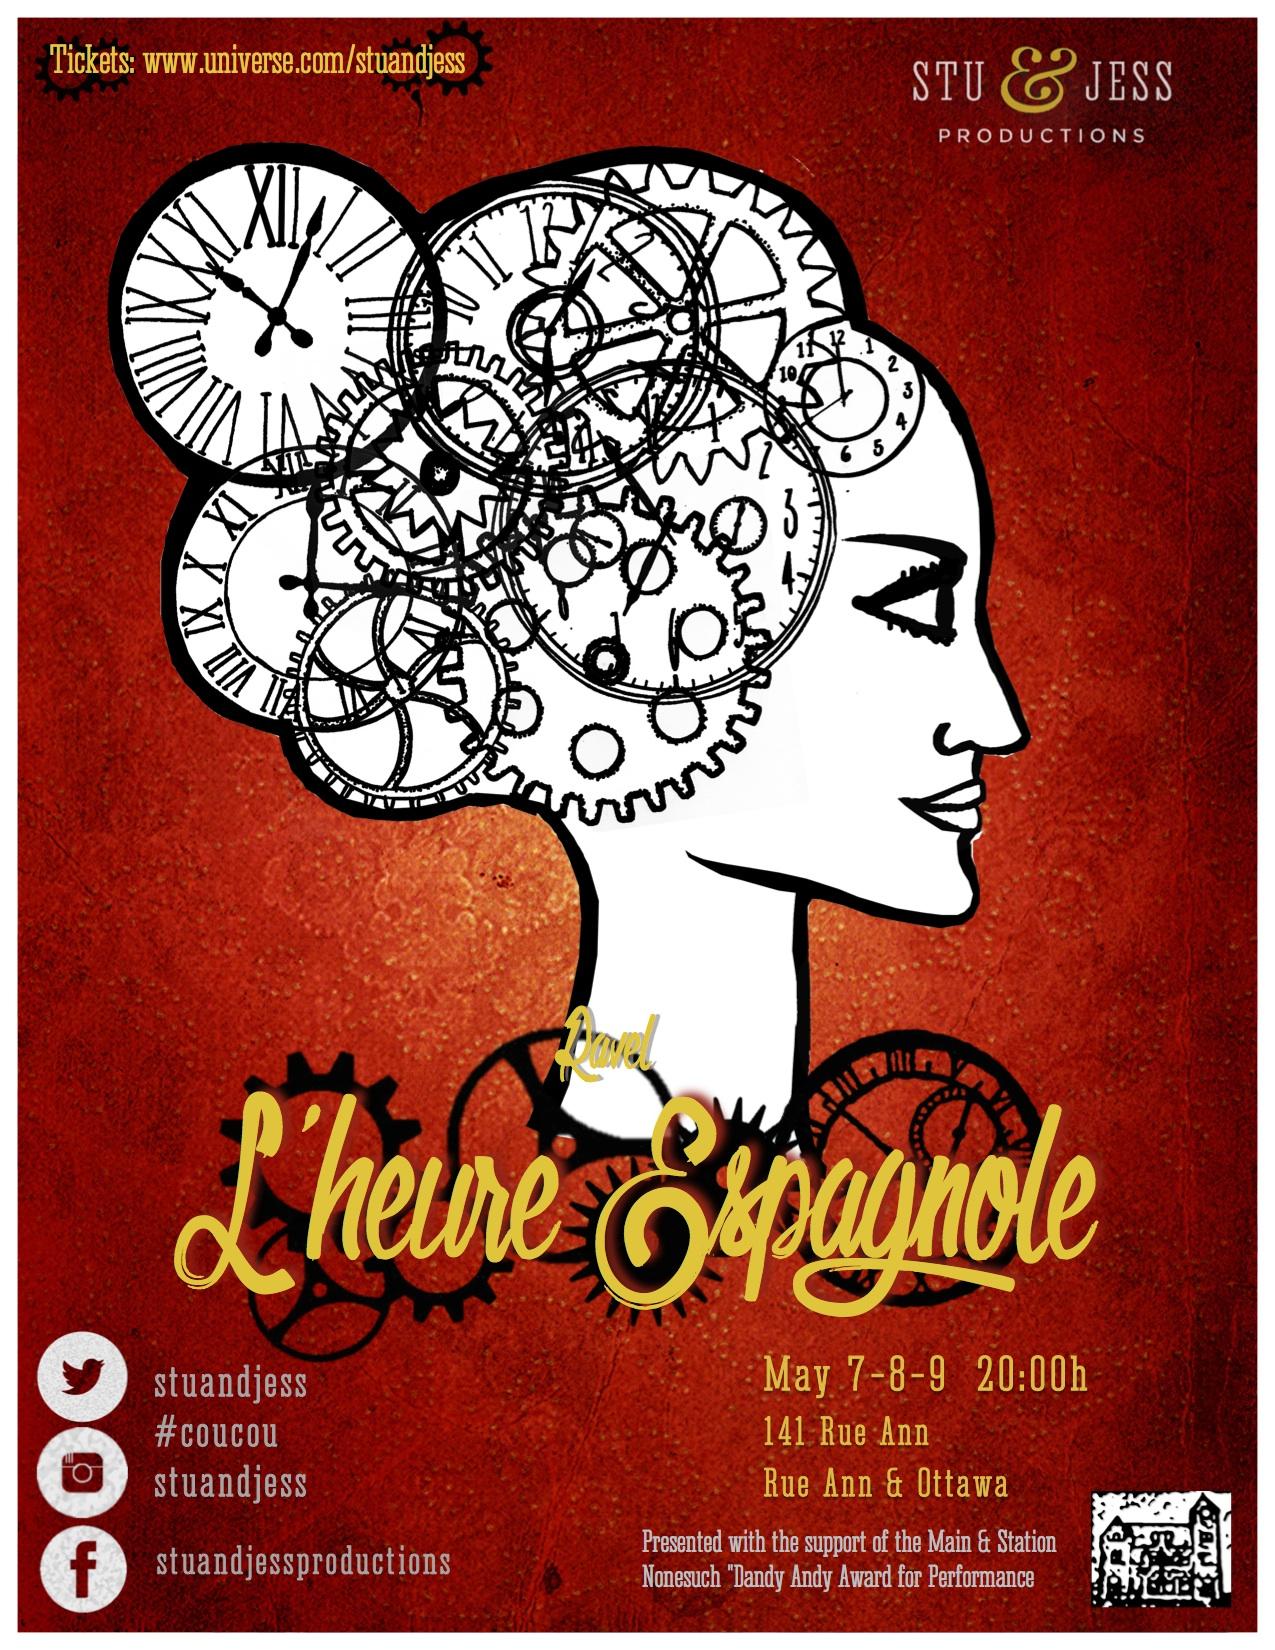 Ravel Poster